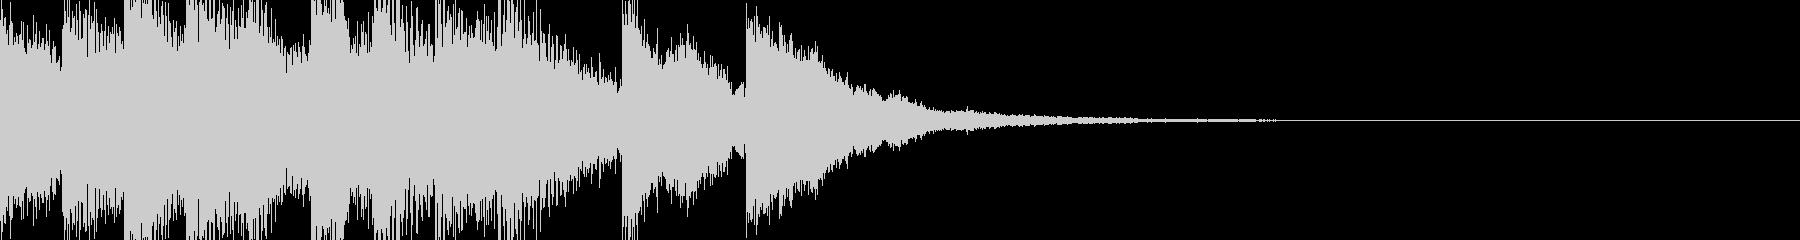 合格音の未再生の波形